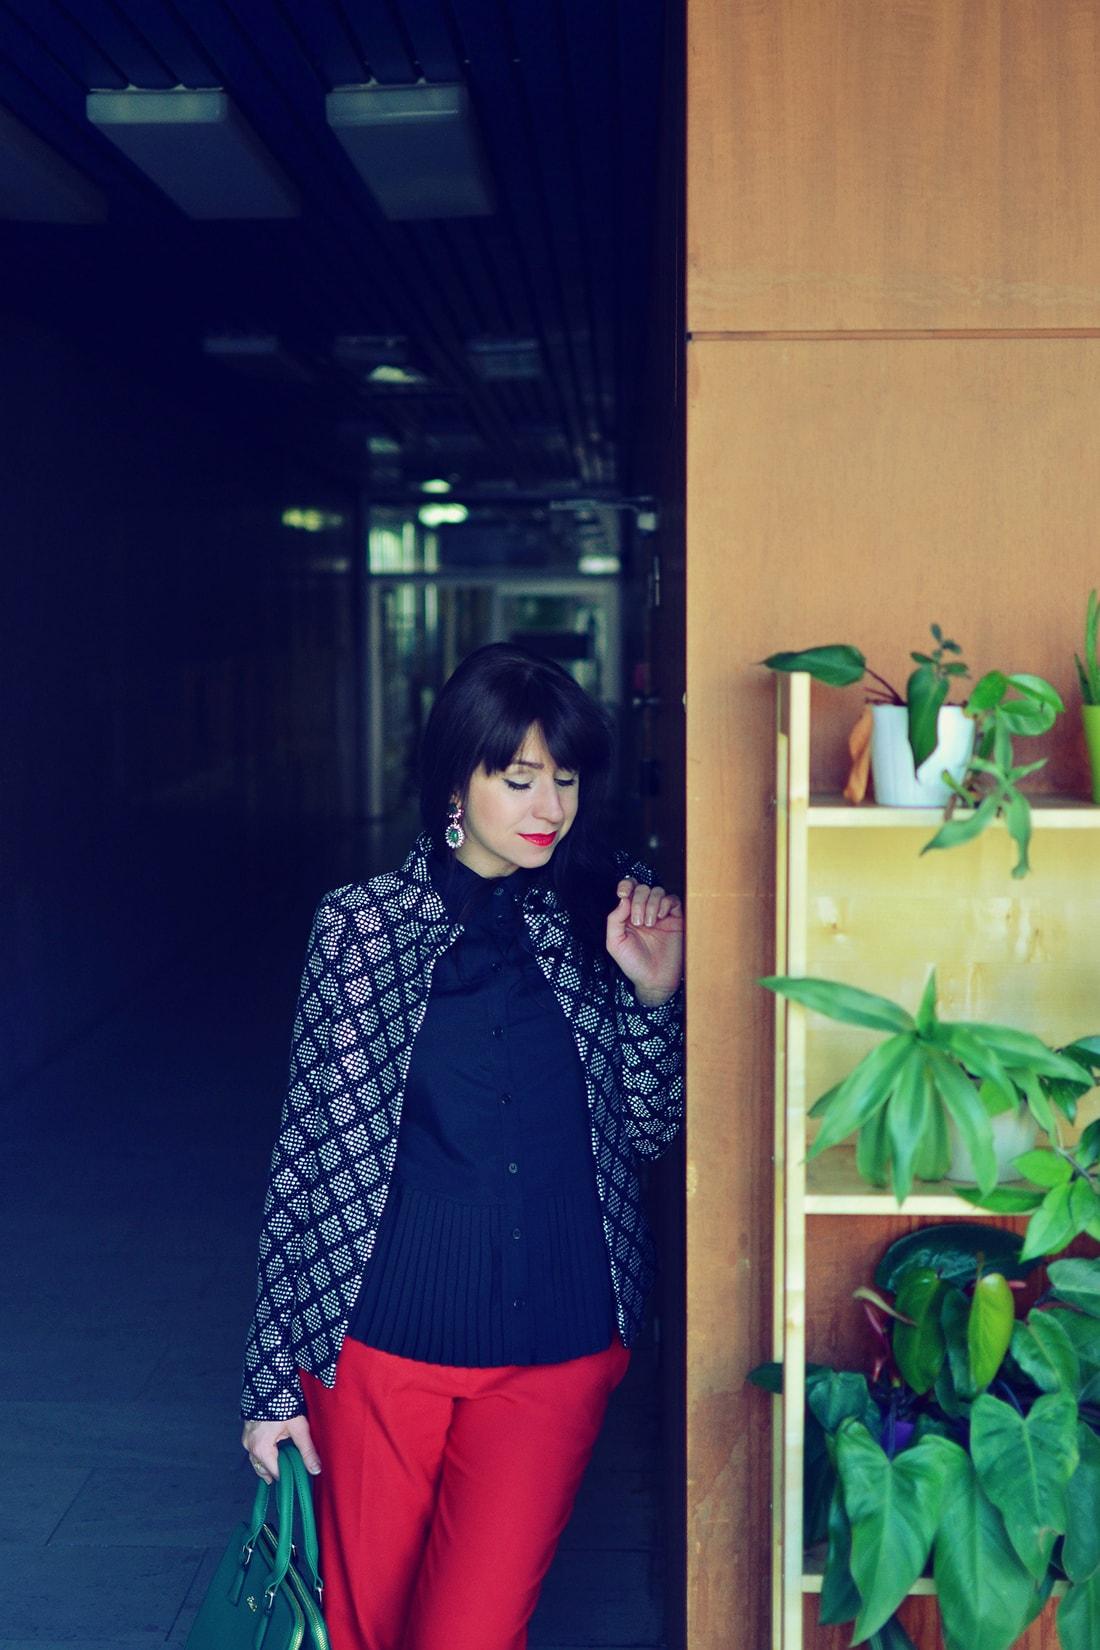 Plisovaná blúzka od Bonprixu_Katharine-fashion is beautiful_blog 7_Plisovaná blúzka_Červené nohavice_Katarína Jakubčová_Fashion blogger